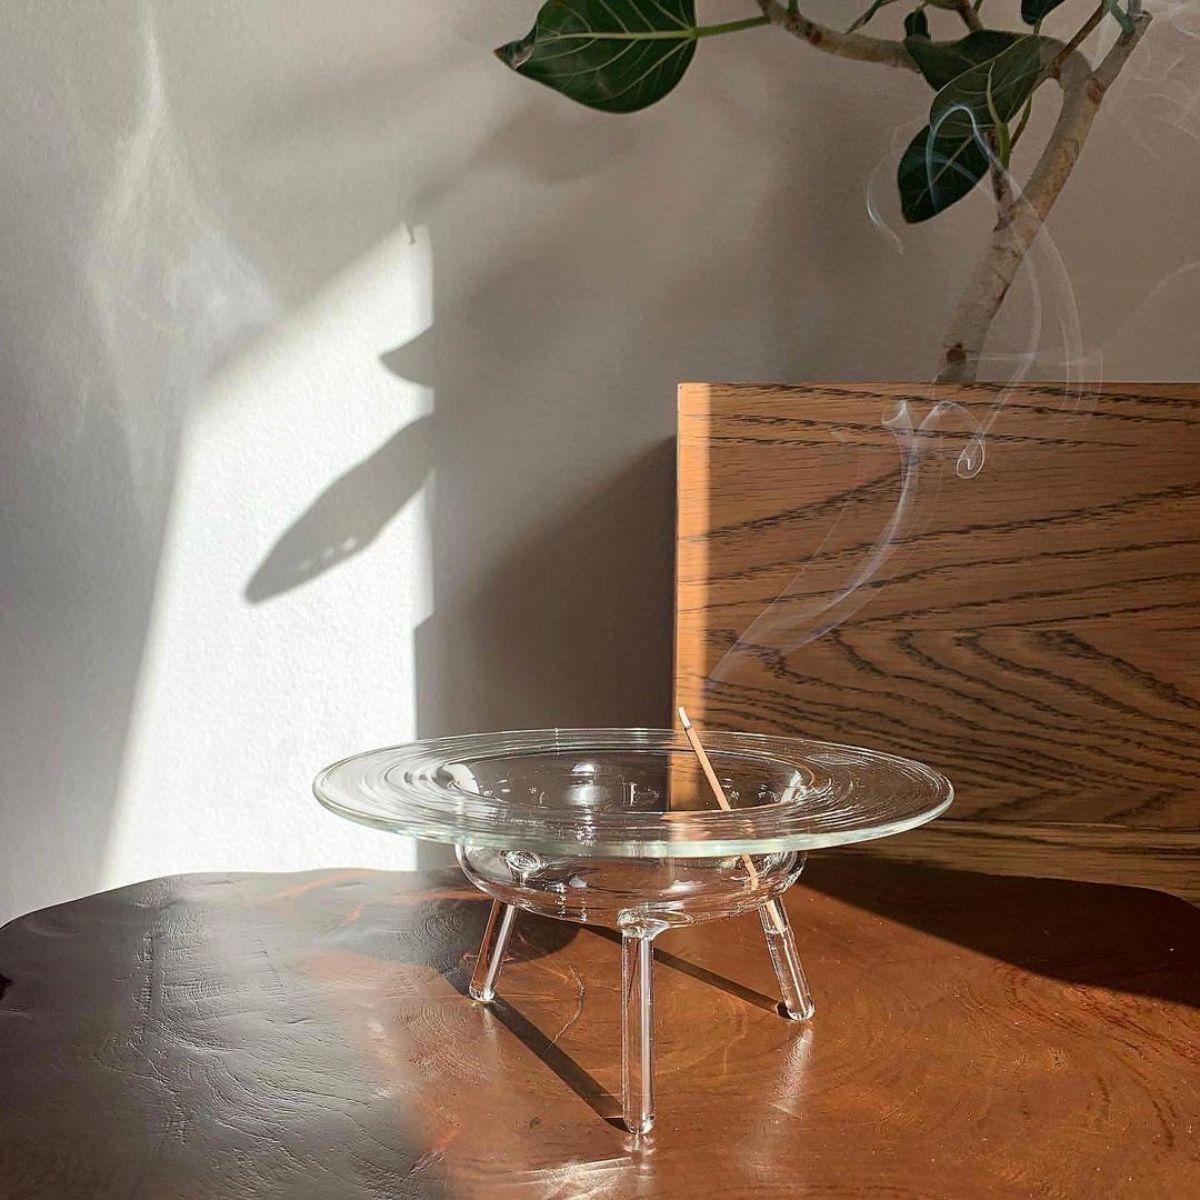 """ツウは「お香立て」までこだわるのがお約束。ため息が出るほど美しい""""clear b""""のガラスデザインで特別な時間を"""